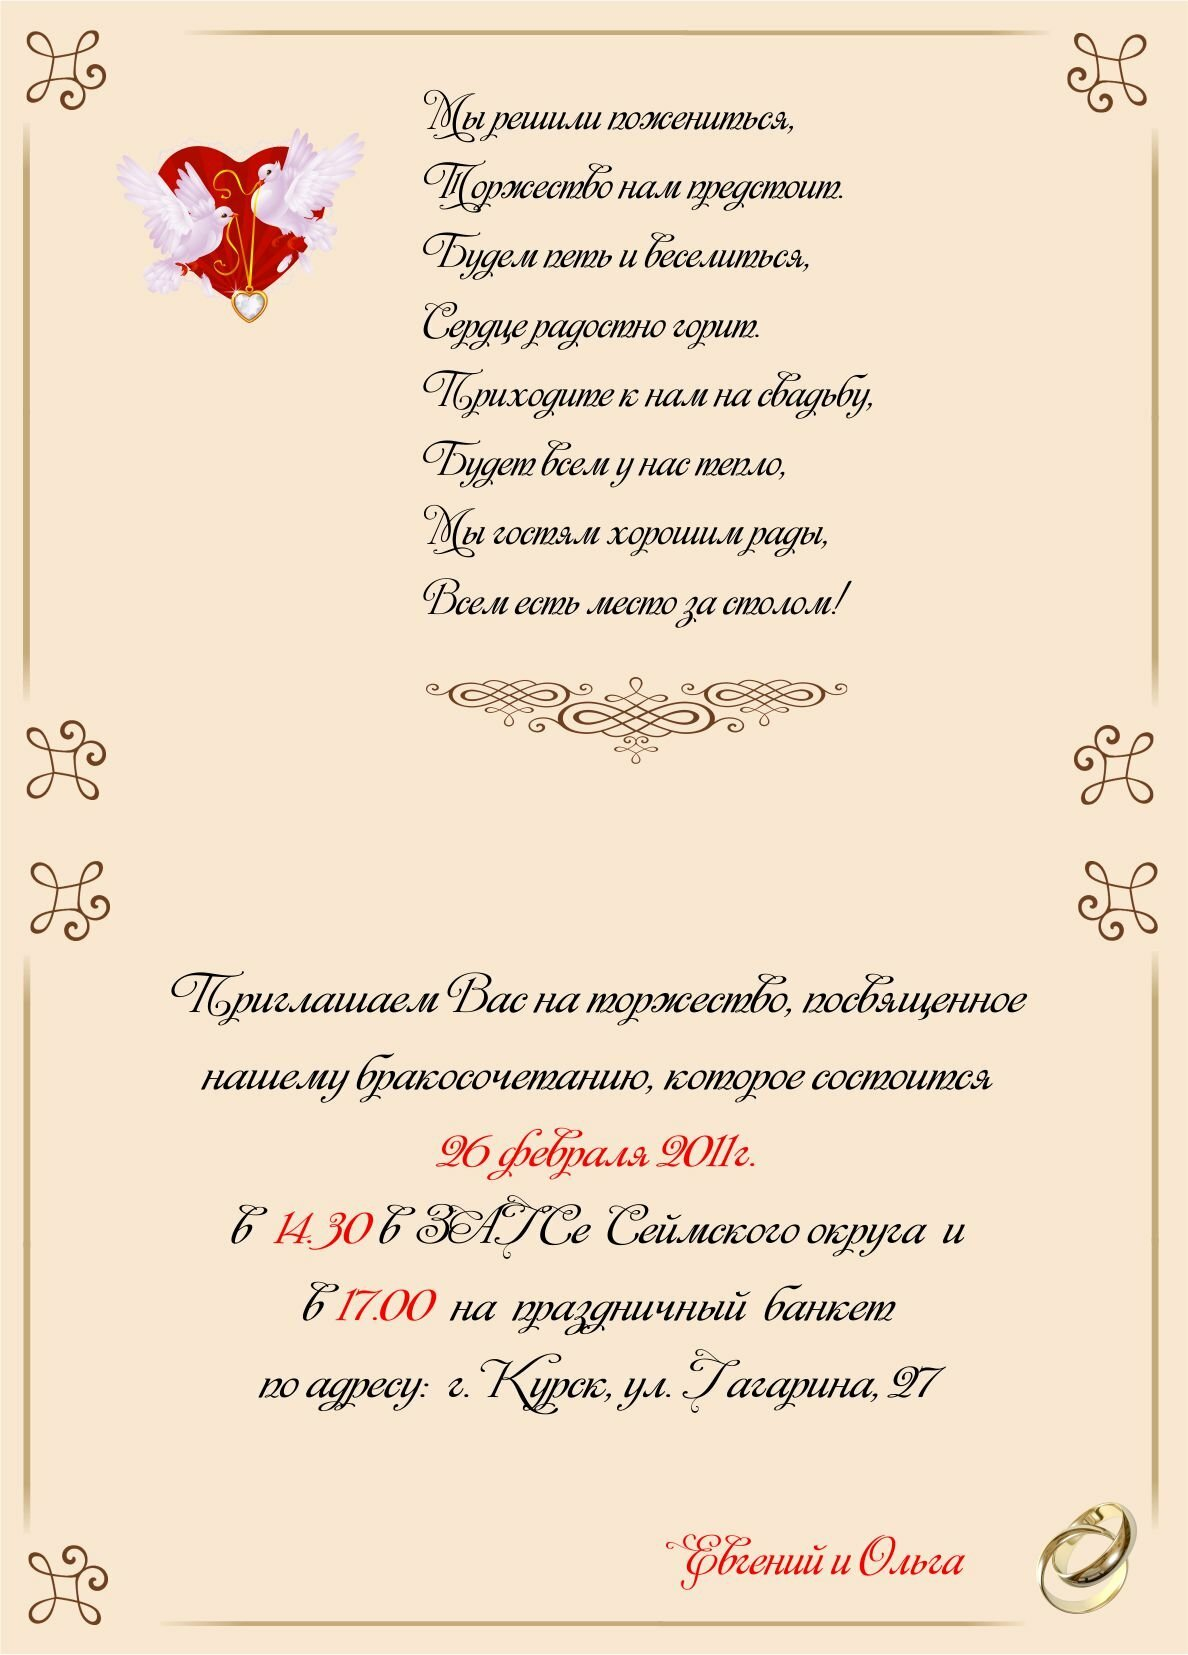 кетоконазолом-это приглашение гостей для поздравления в стихах салат пробовала юбилее